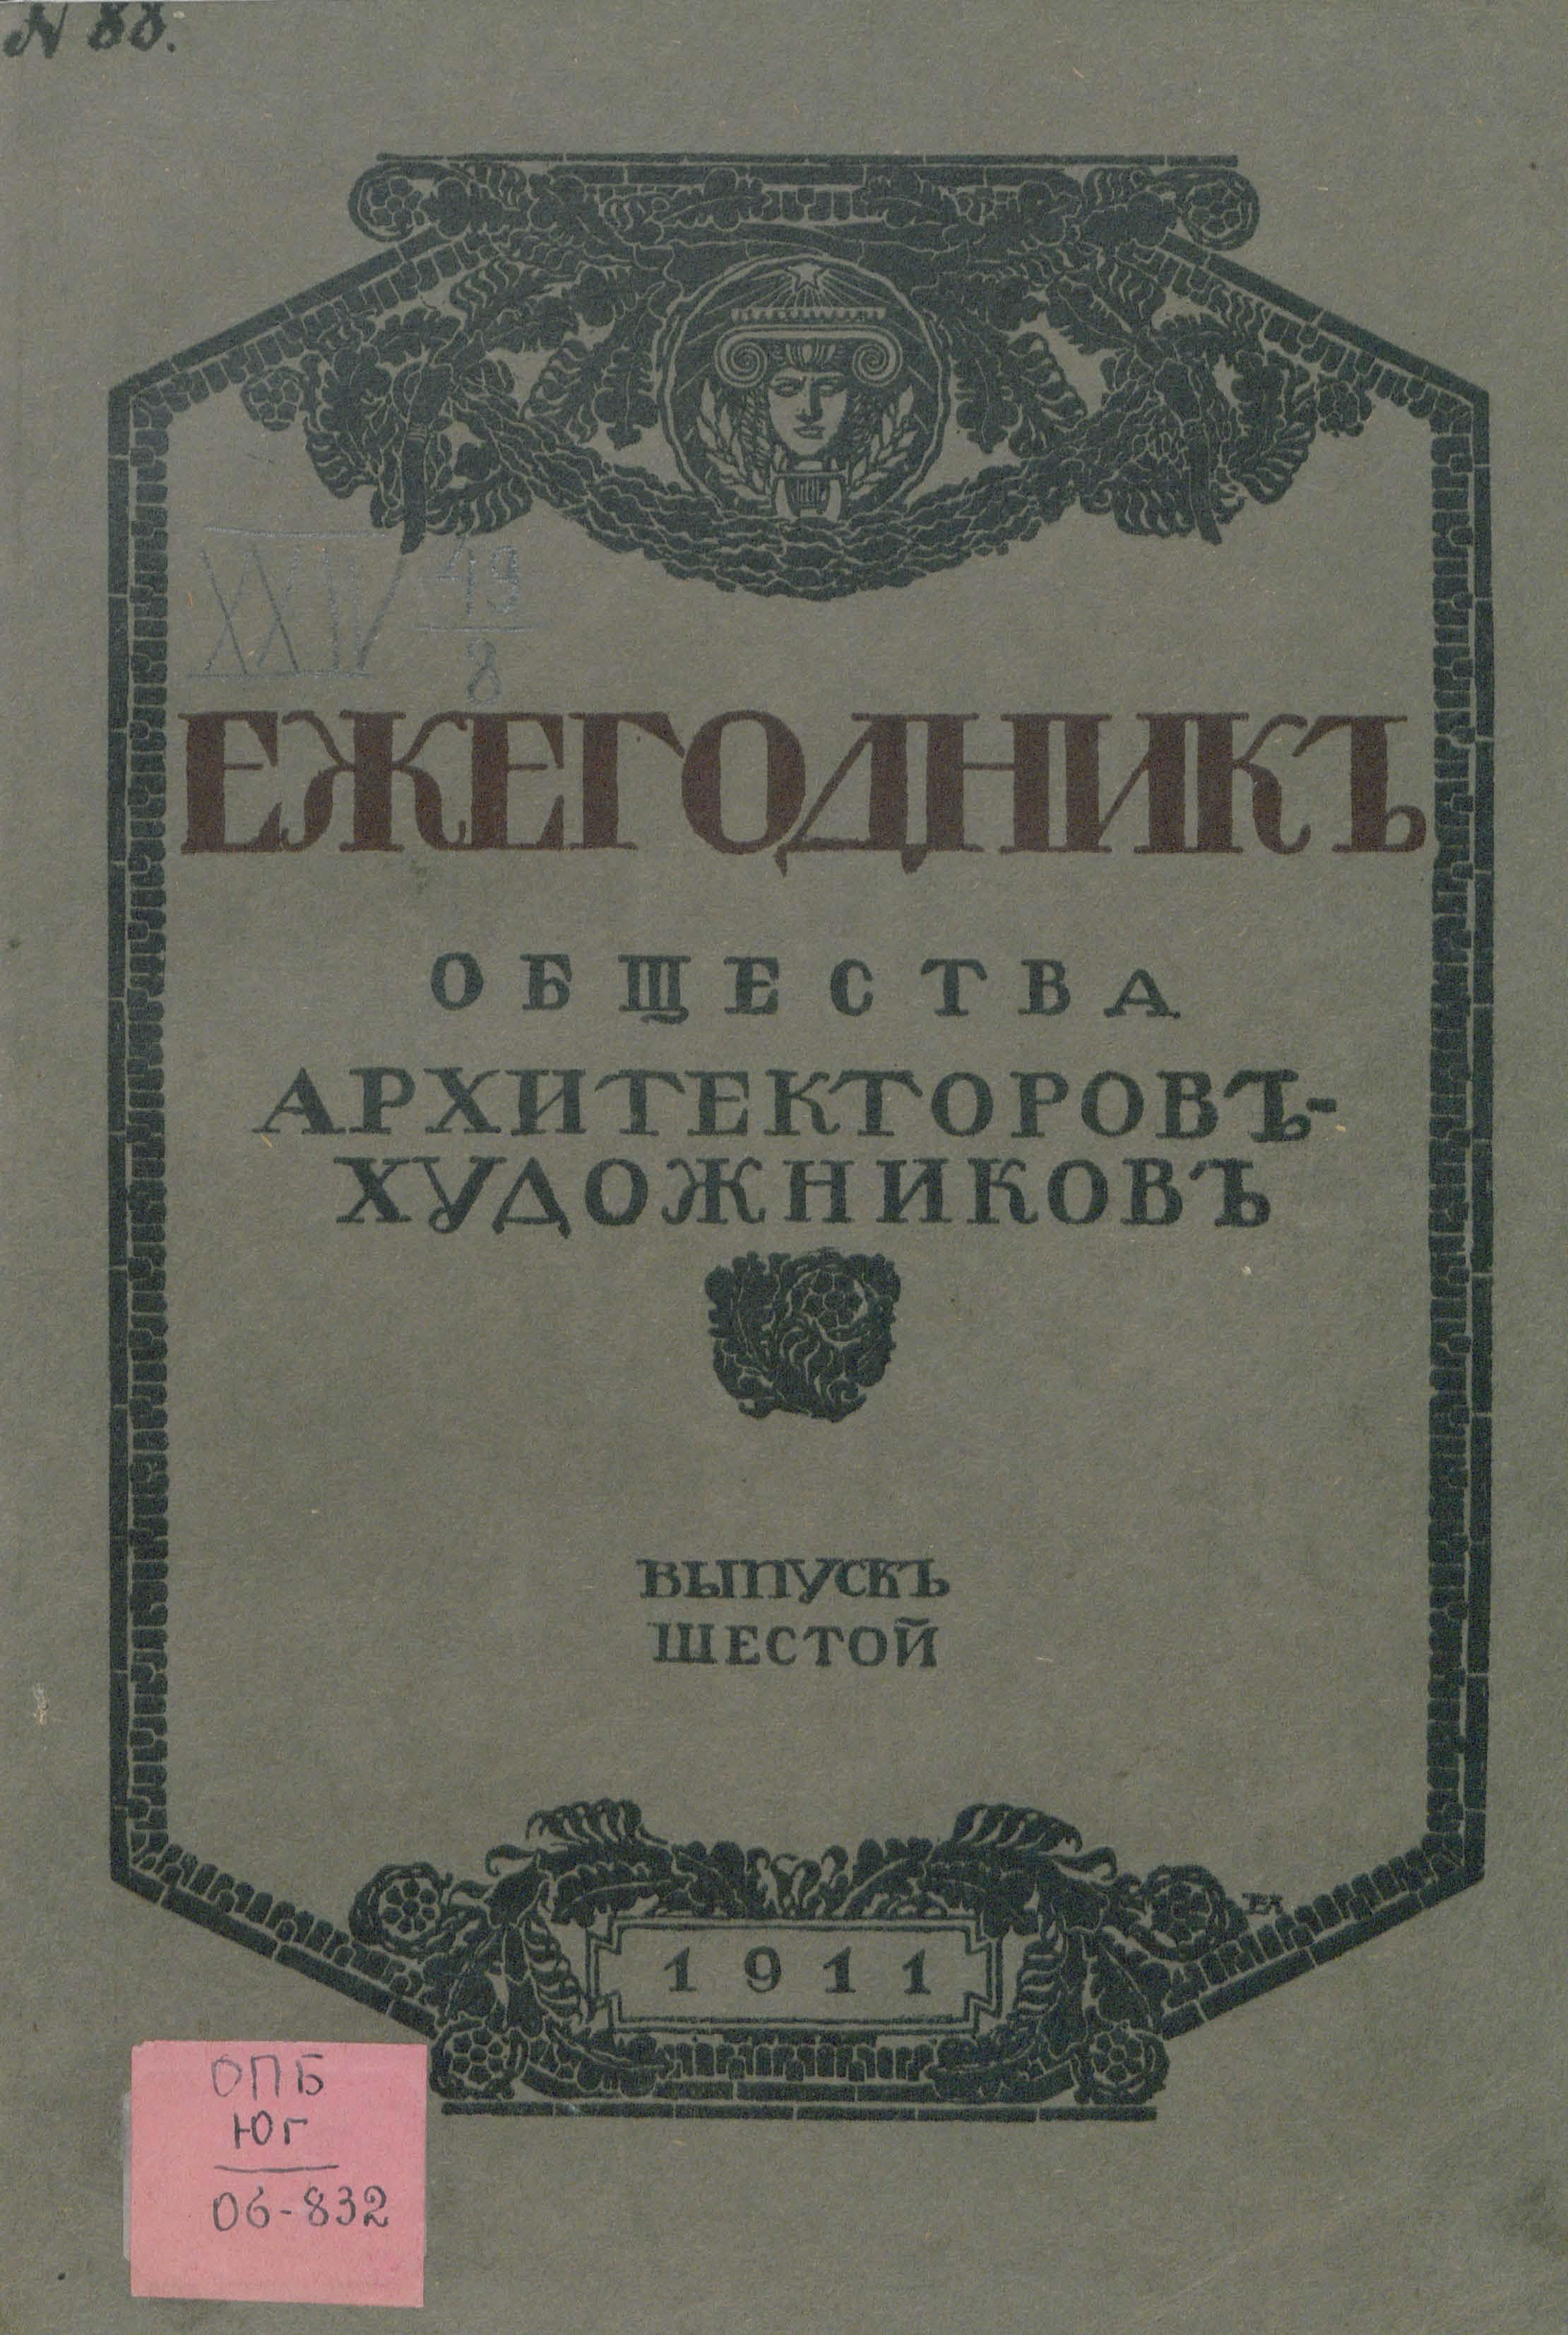 ezhegodnik-obshchestva-arhitektorov-hudozhnikov-06-1911-005.jpg